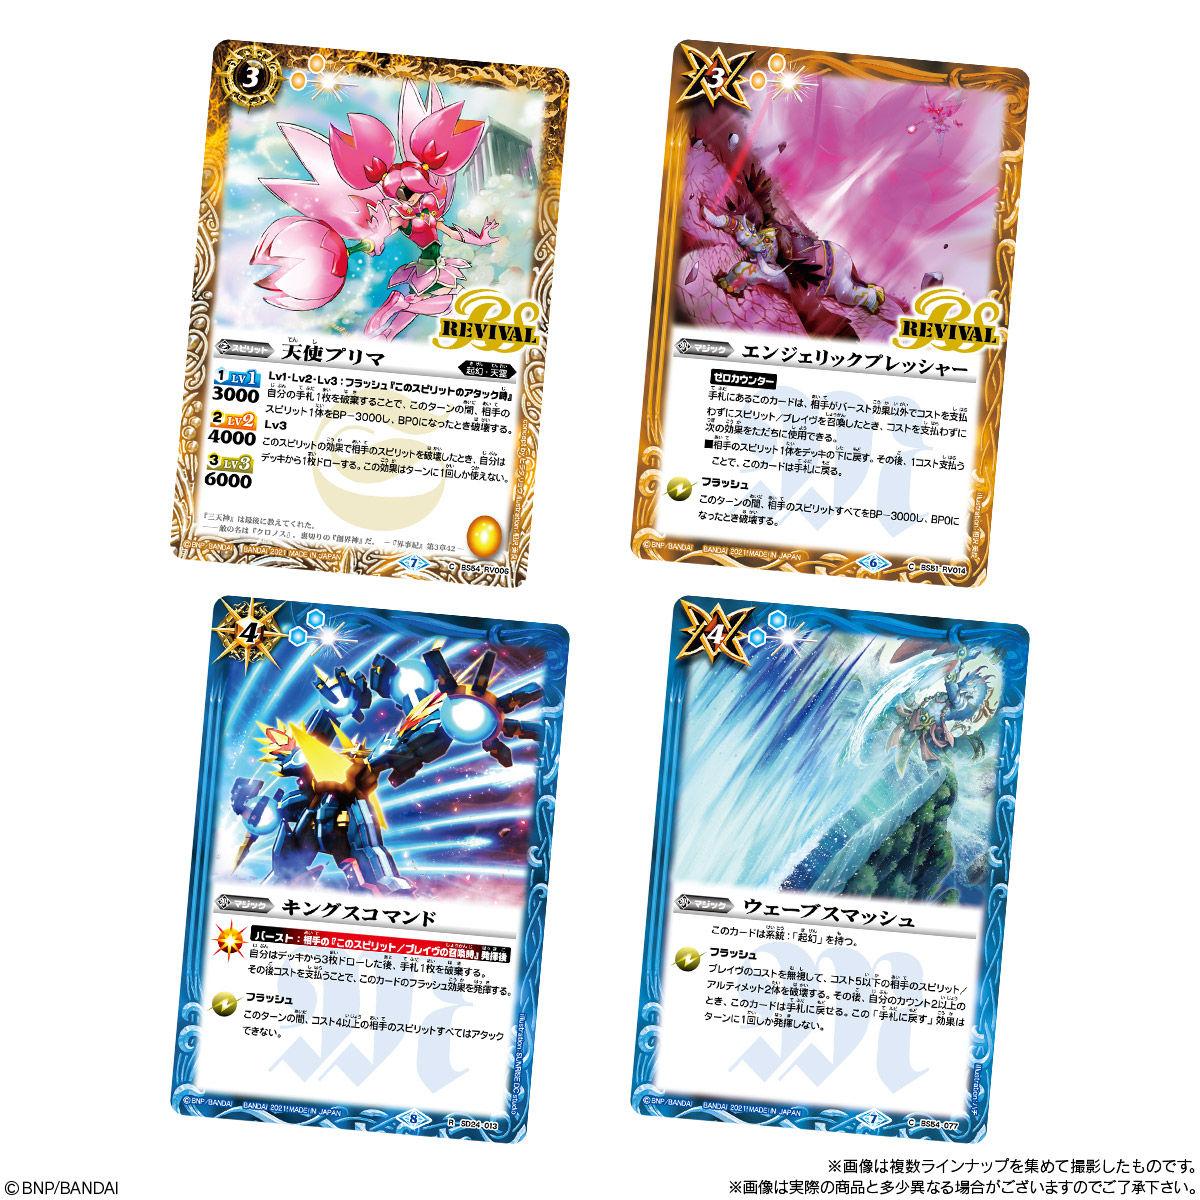 【食玩】バトルスピリッツ『バトルスピリッツウエハース 紫翠の刃旋風』20個入りBOX-006